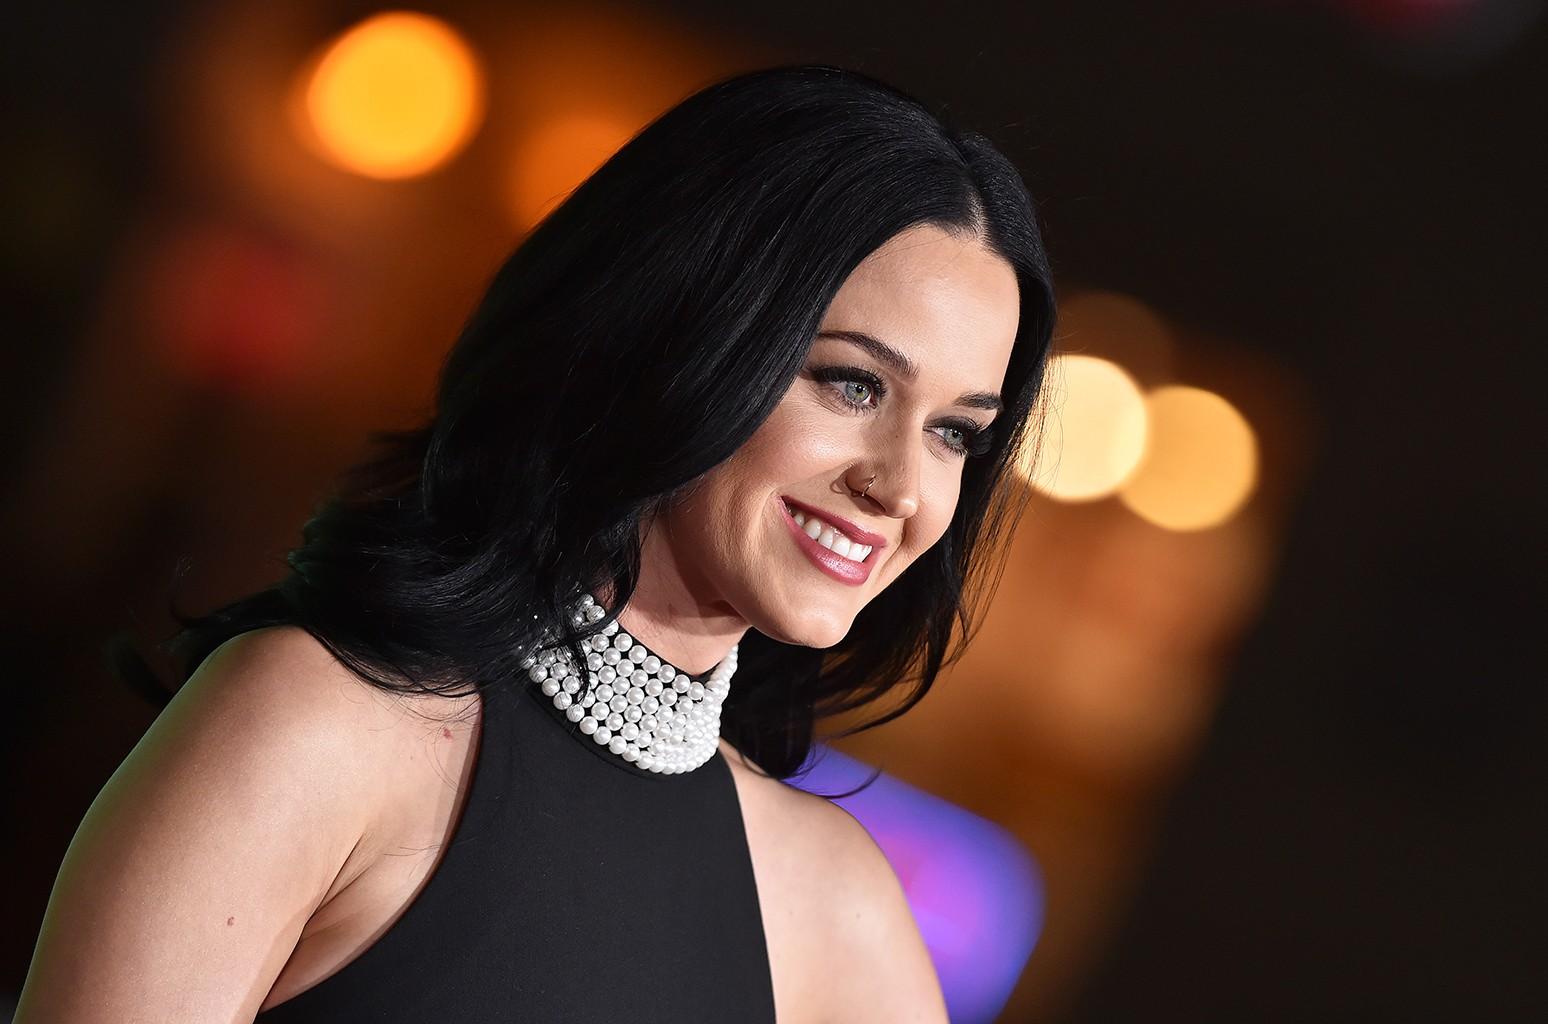 Katy Perry at Regency Village Theatre on Dec. 7, 2016 in Westwood, Calif.